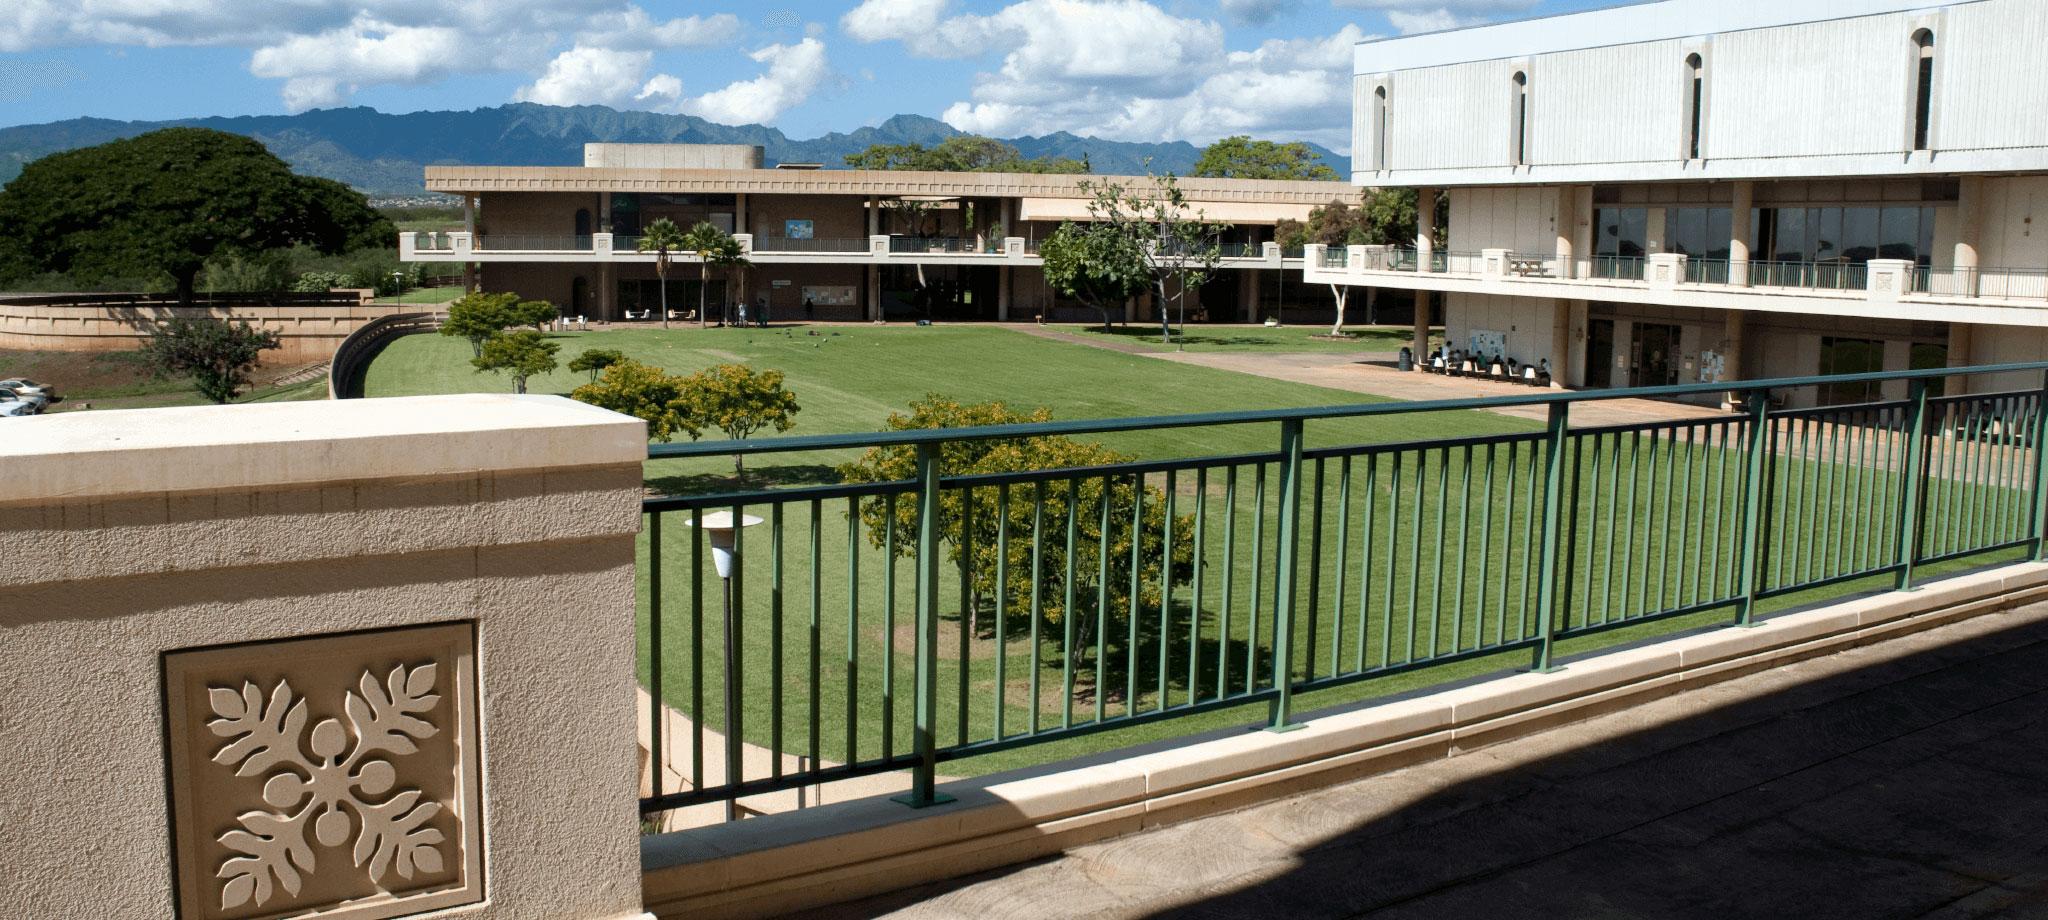 Leeward Community College Campus Lawn